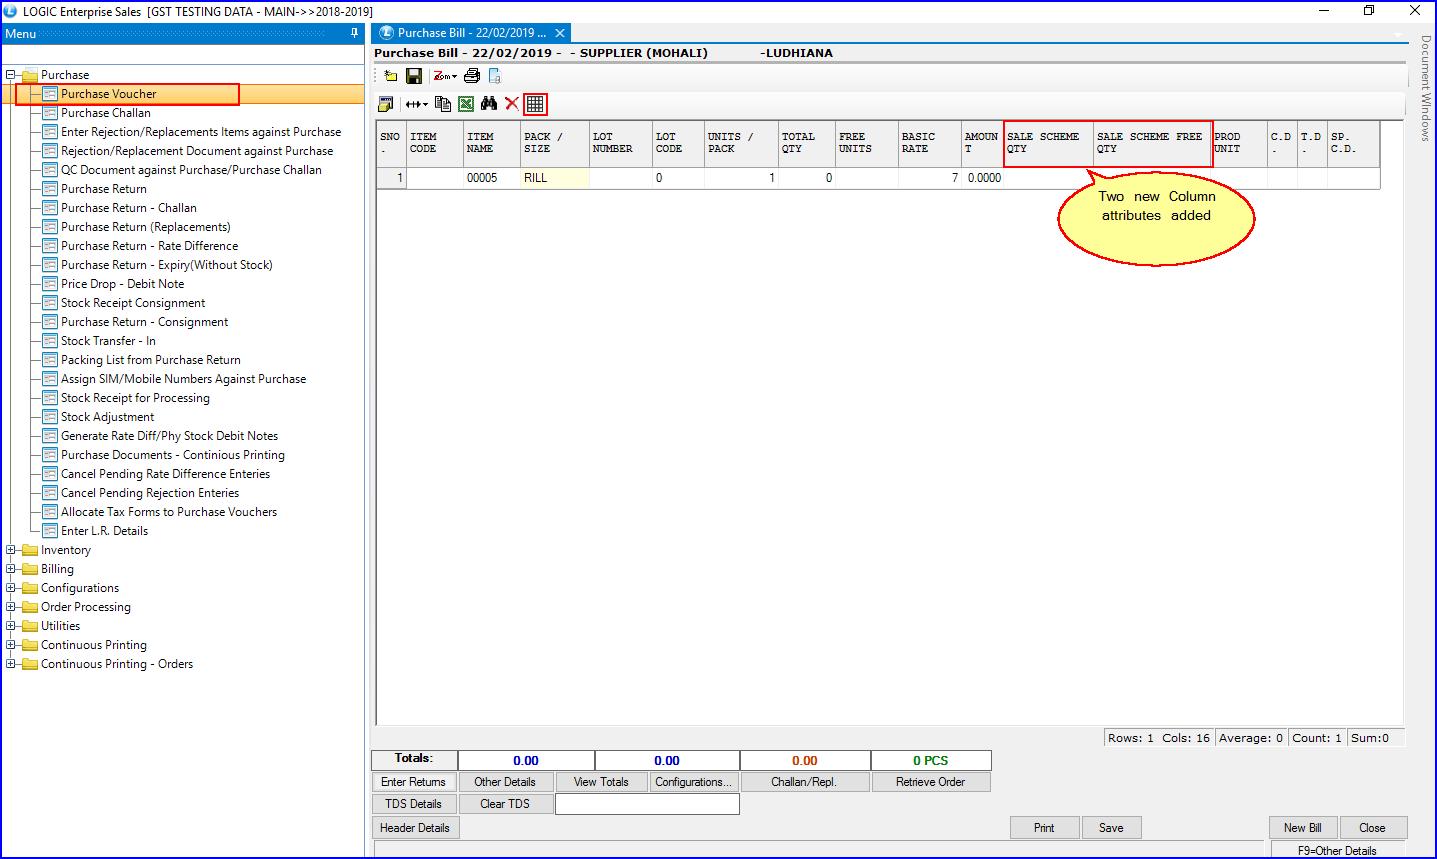 SaleScheme-Qty-&-FreeQty-Option